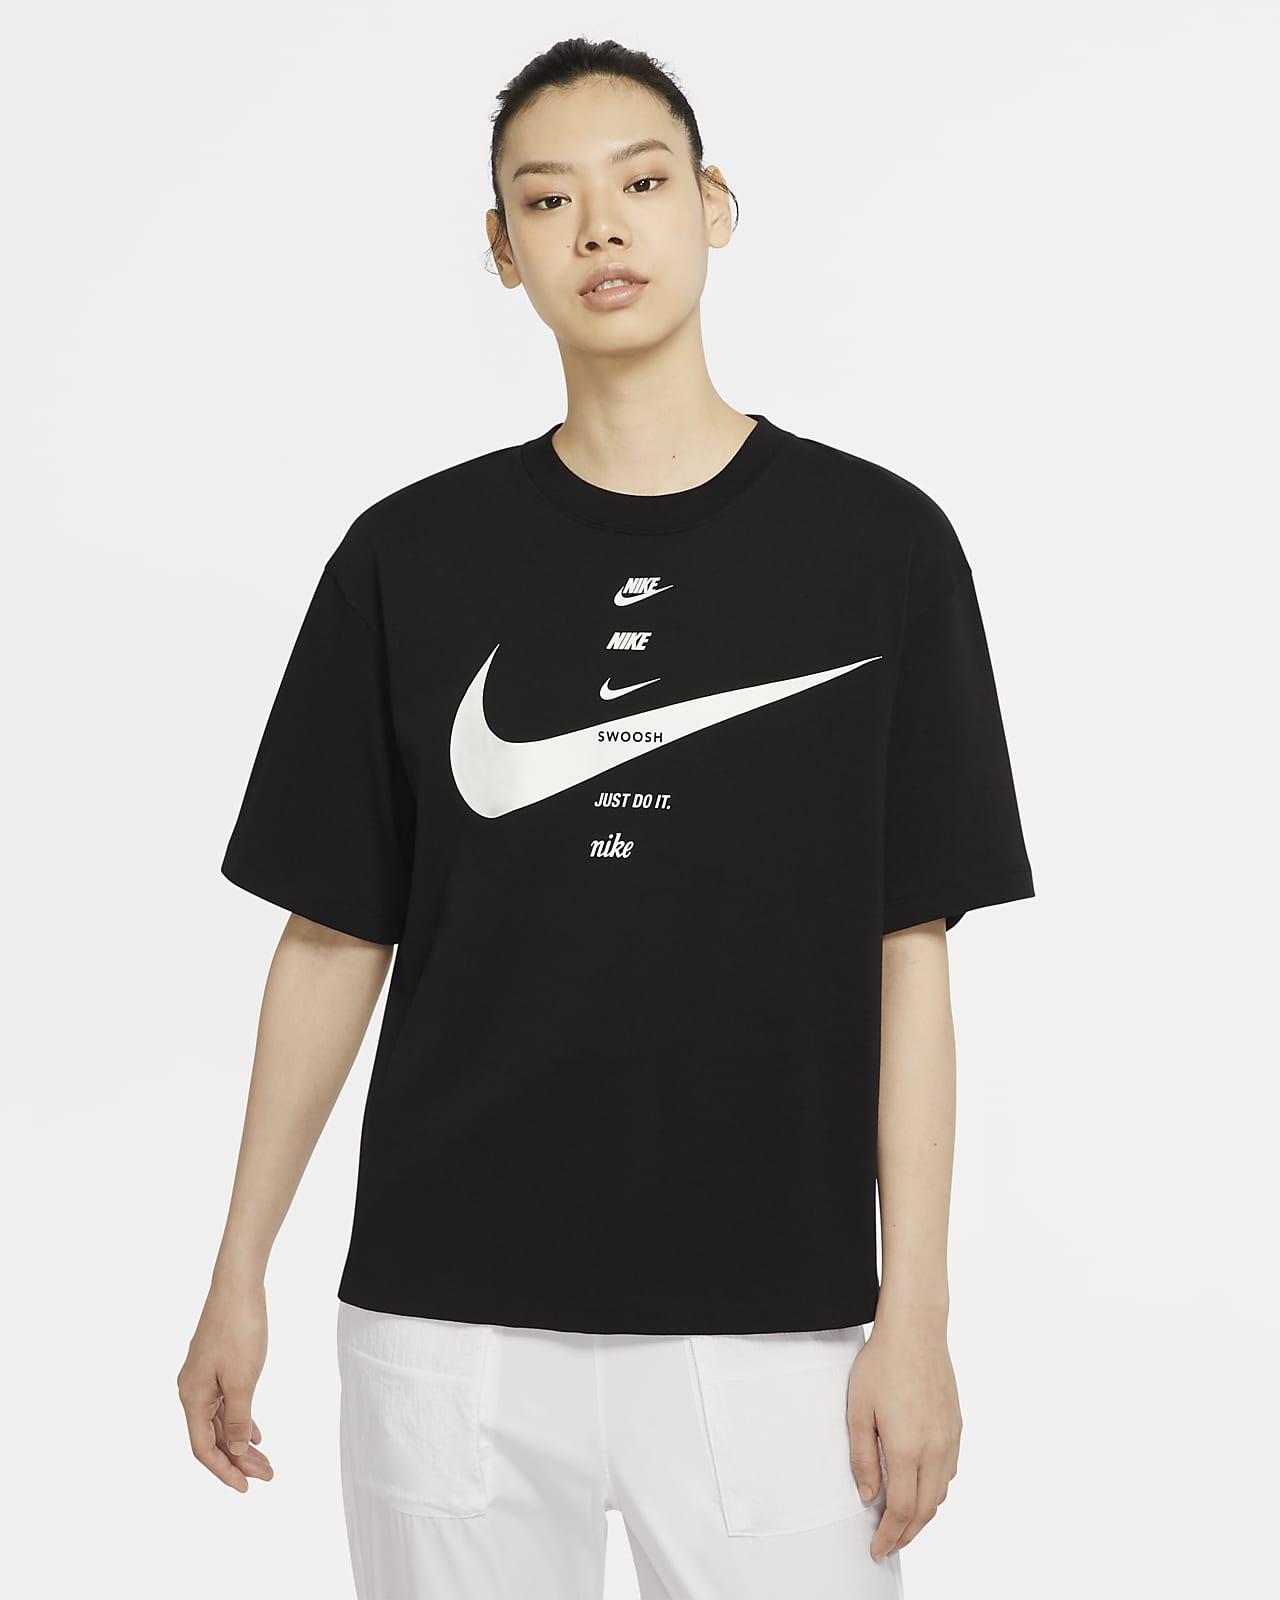 Dámský top Nike Sportswear s krátkým rukávem